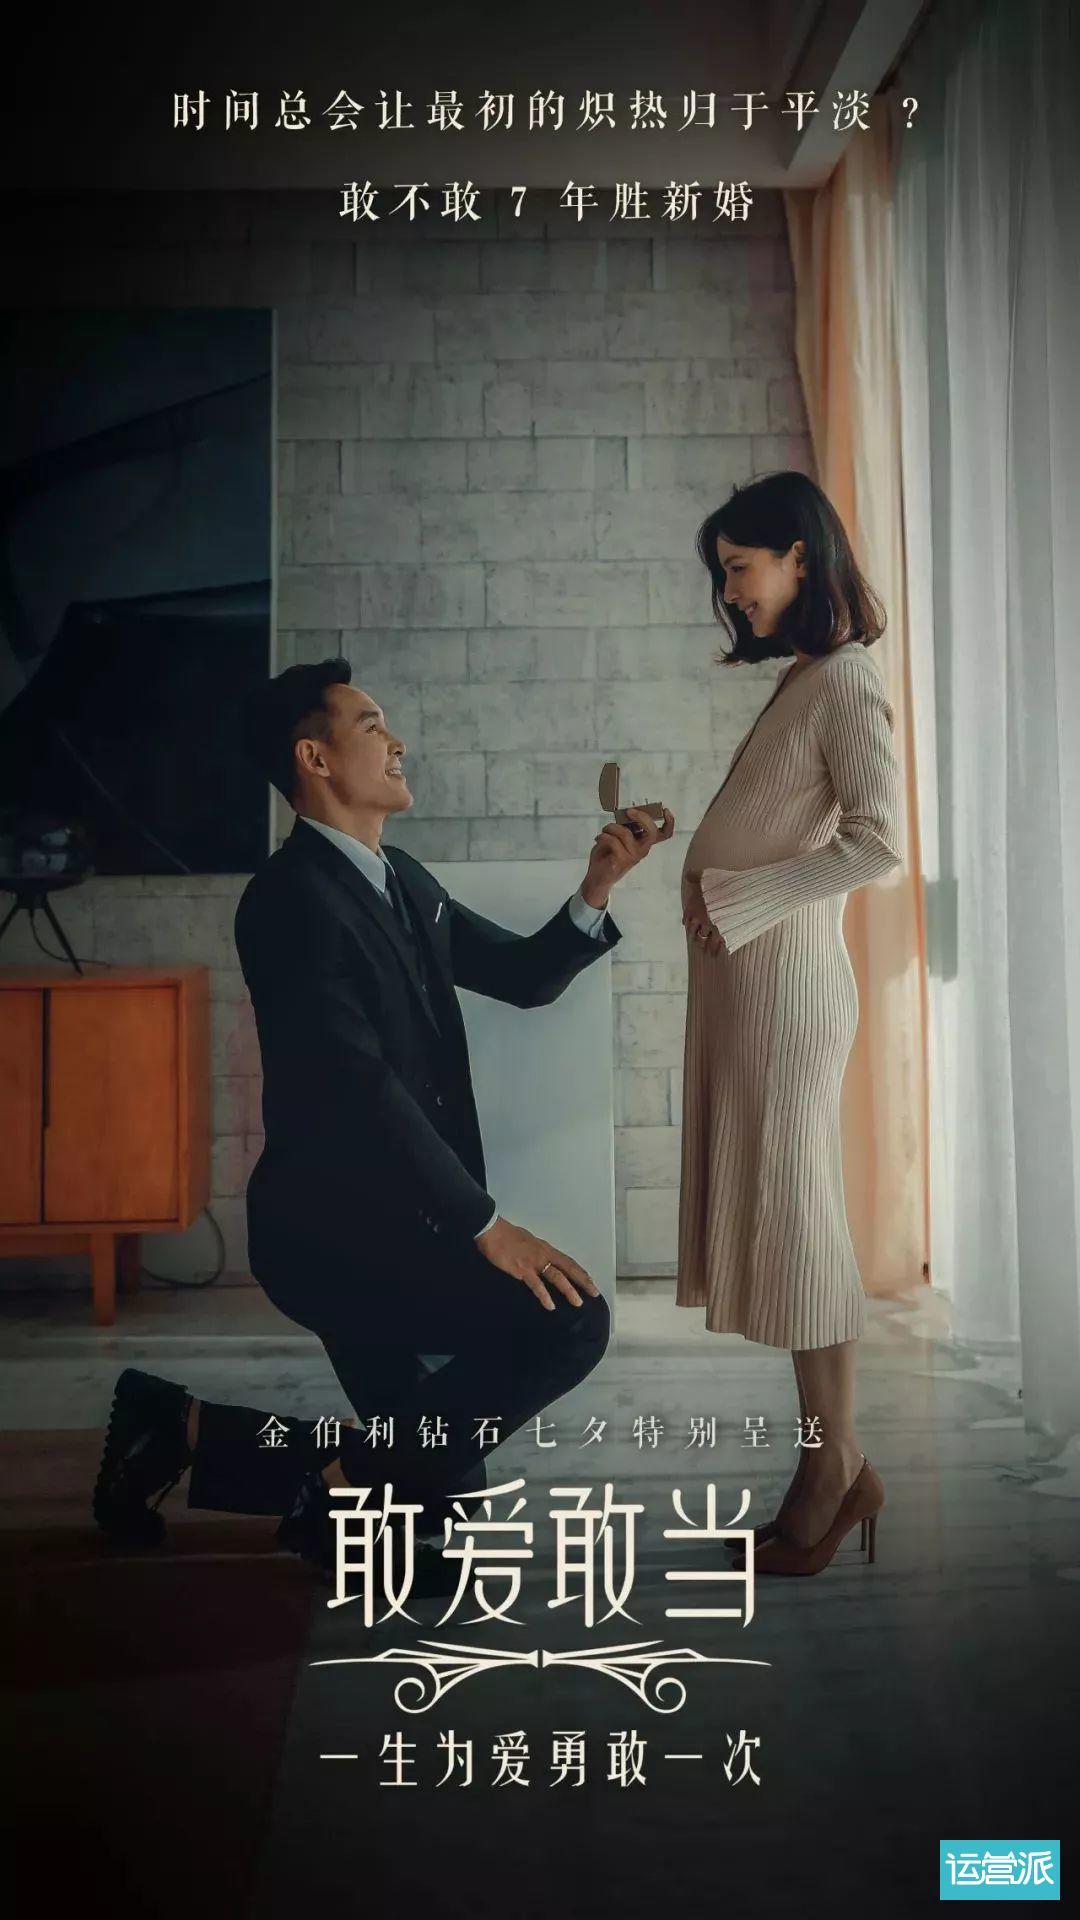 七夕虐狗大军来袭,品牌如何谈爱?